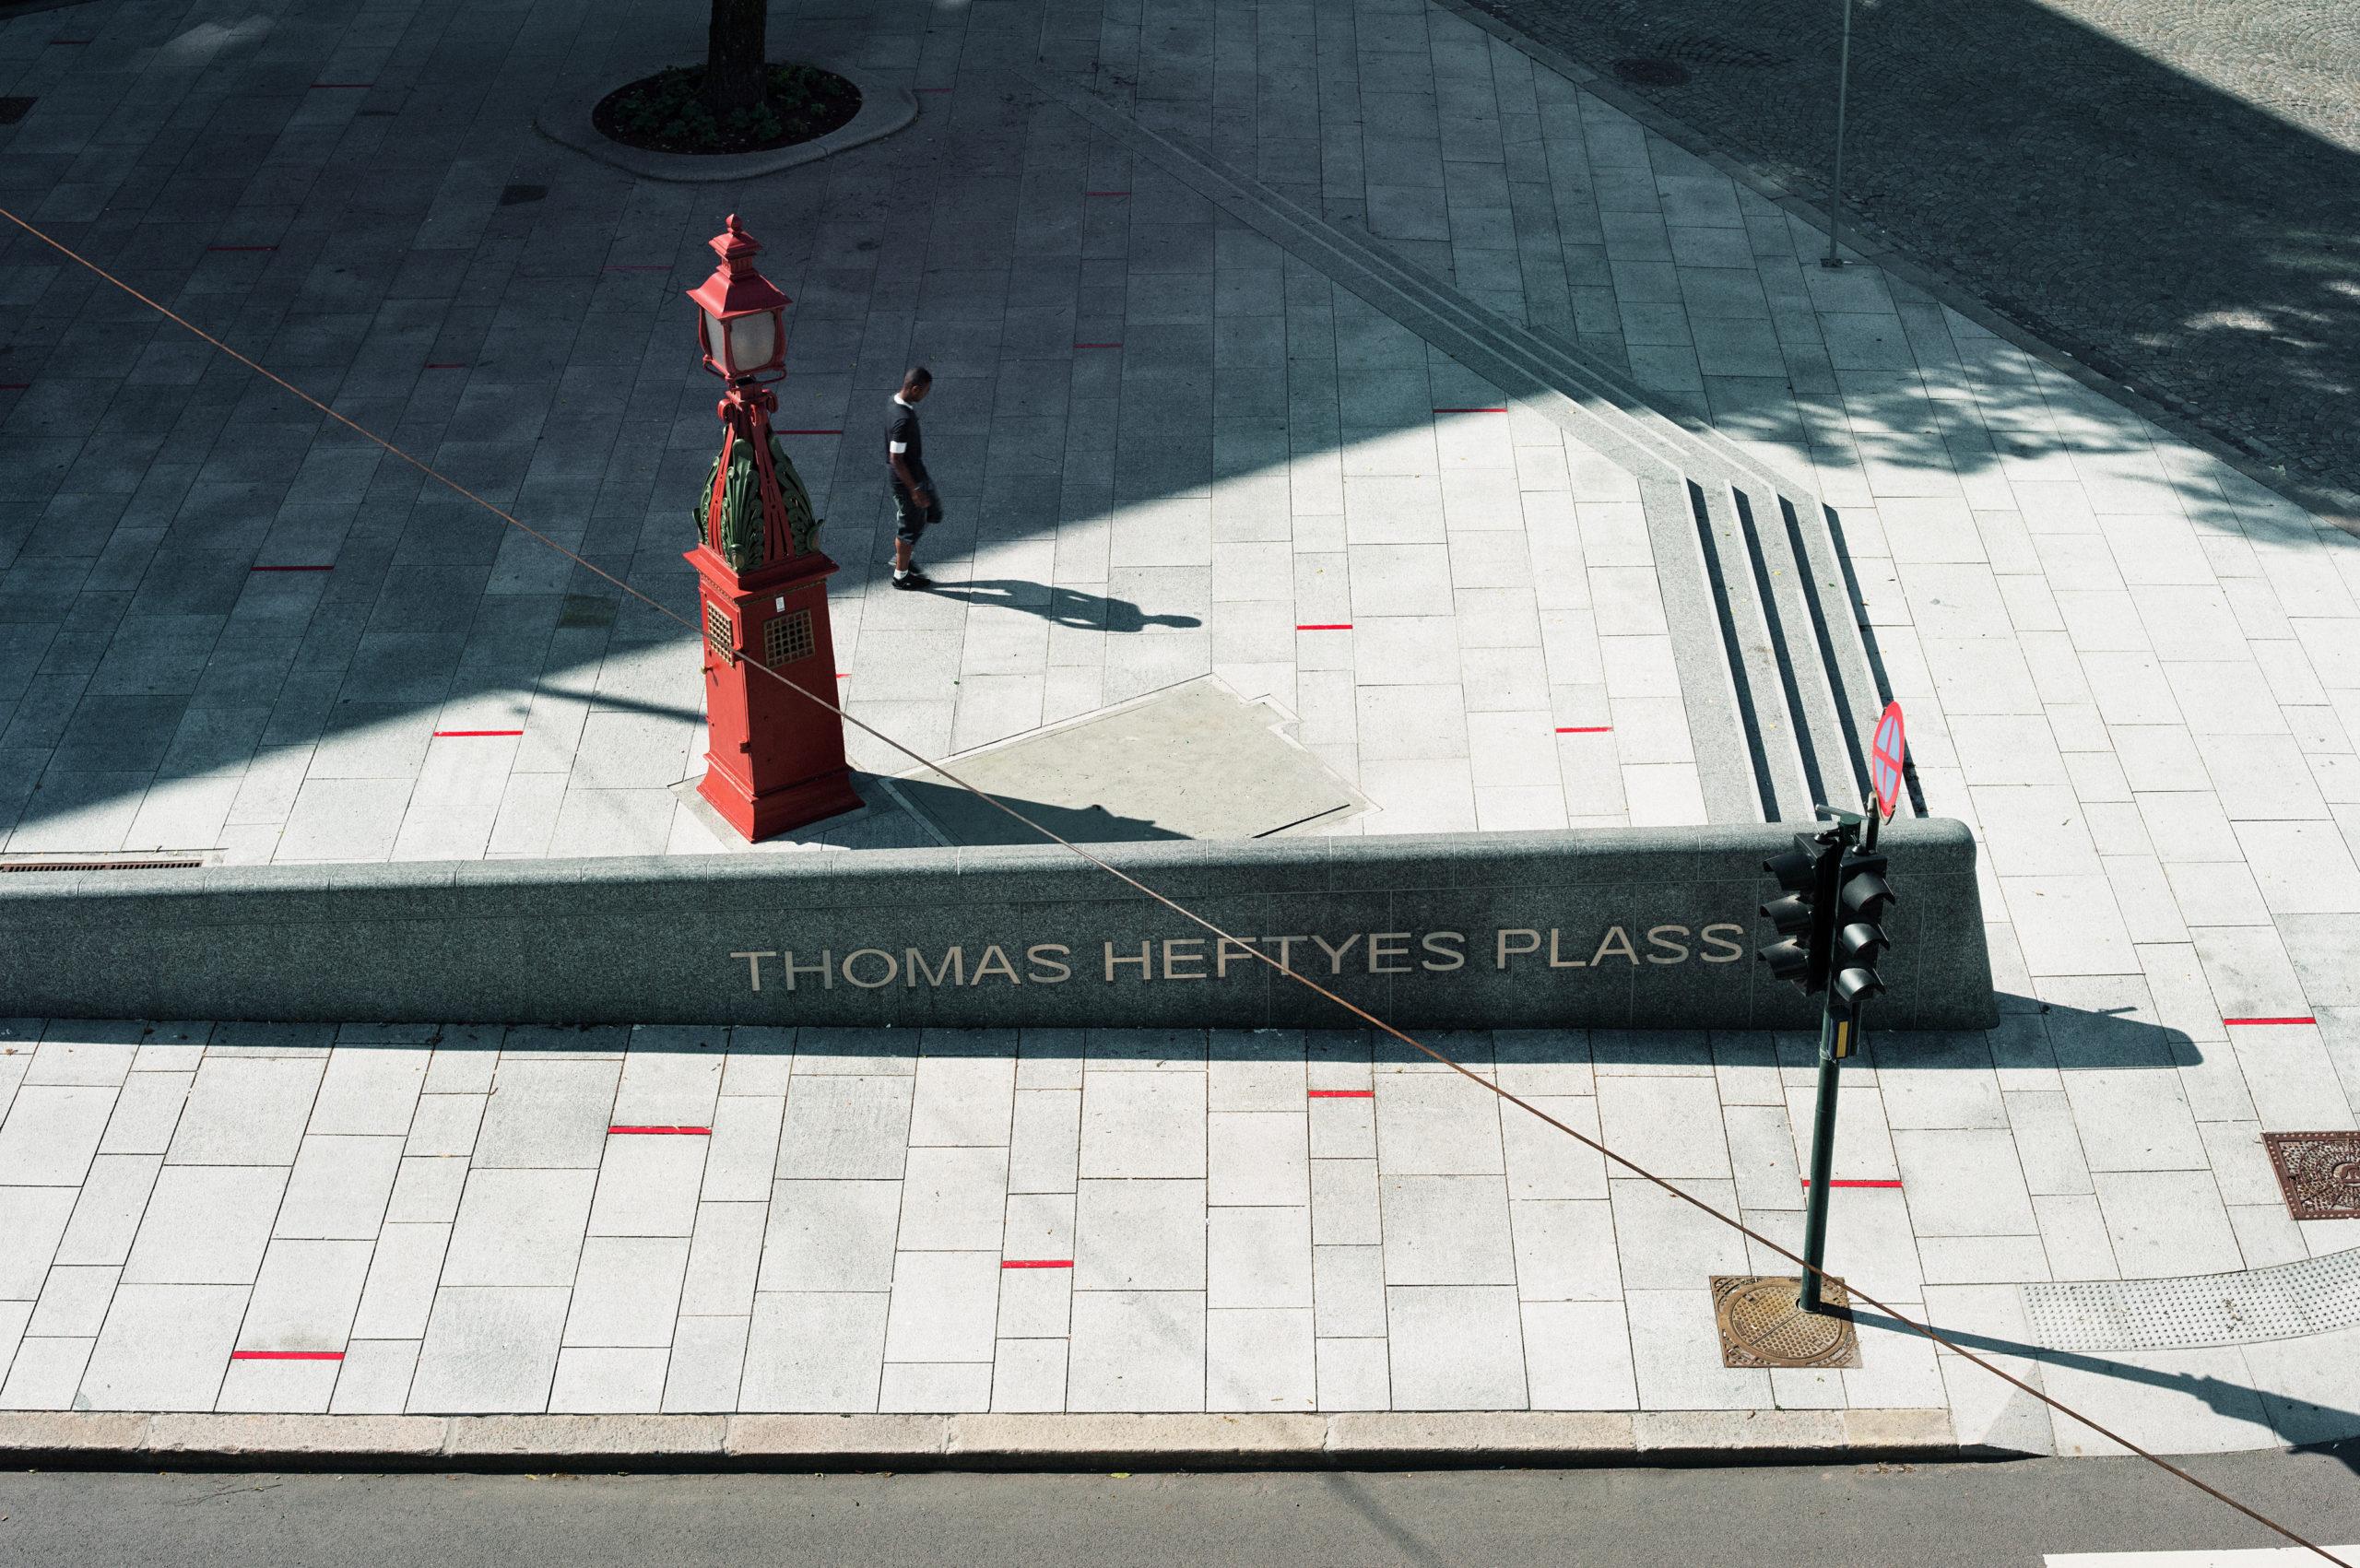 Thomas Heftyes Plass